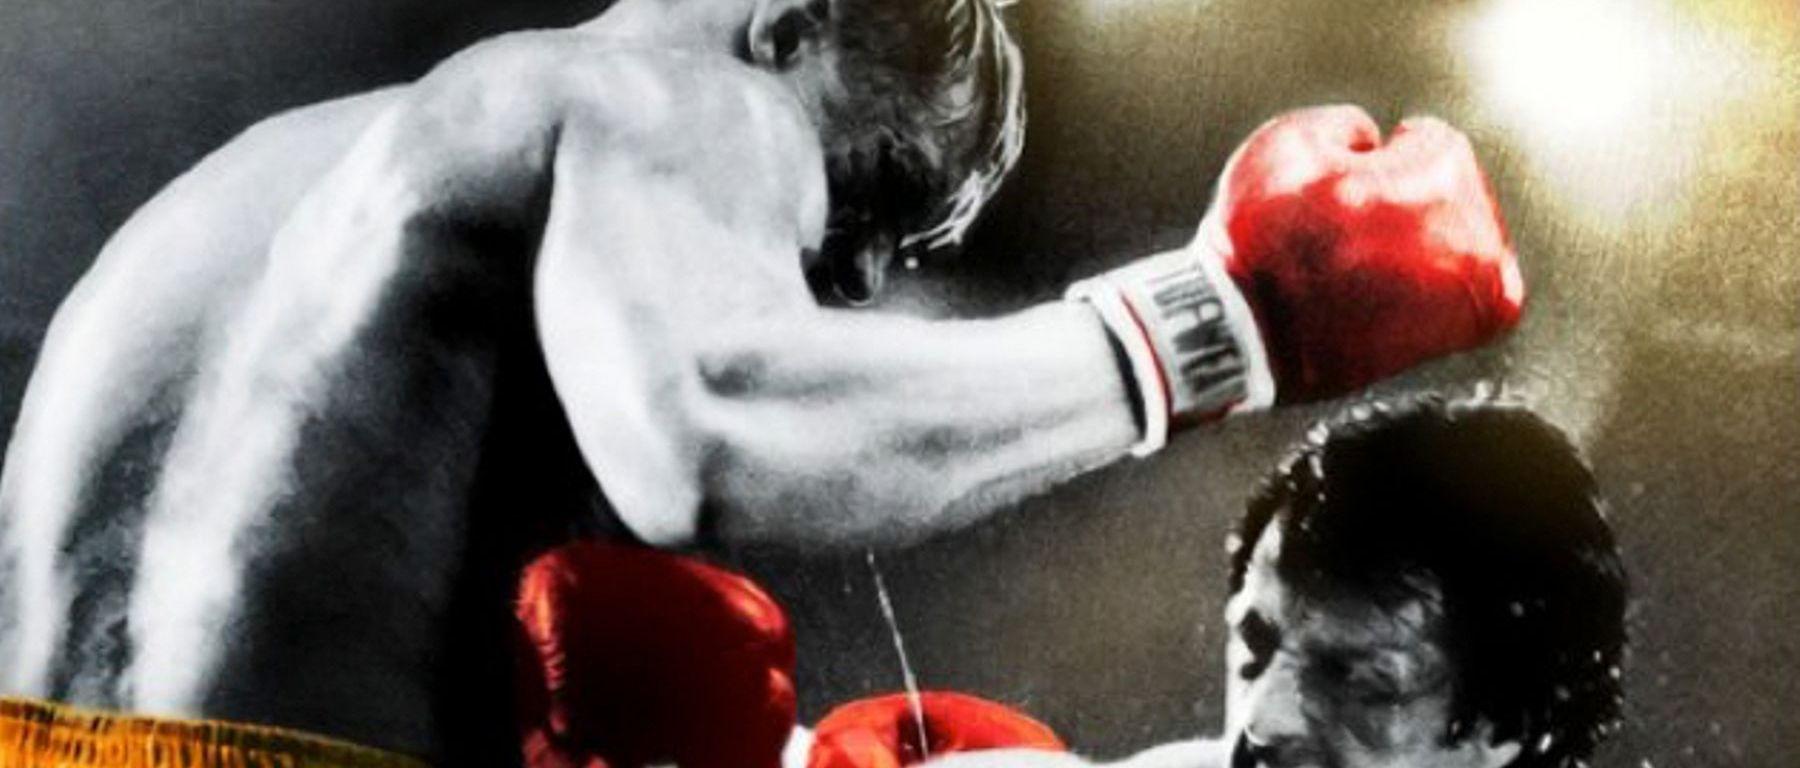 Vezi trailerul pentru noua versiune a filmului Rocky IV, Directors Cut